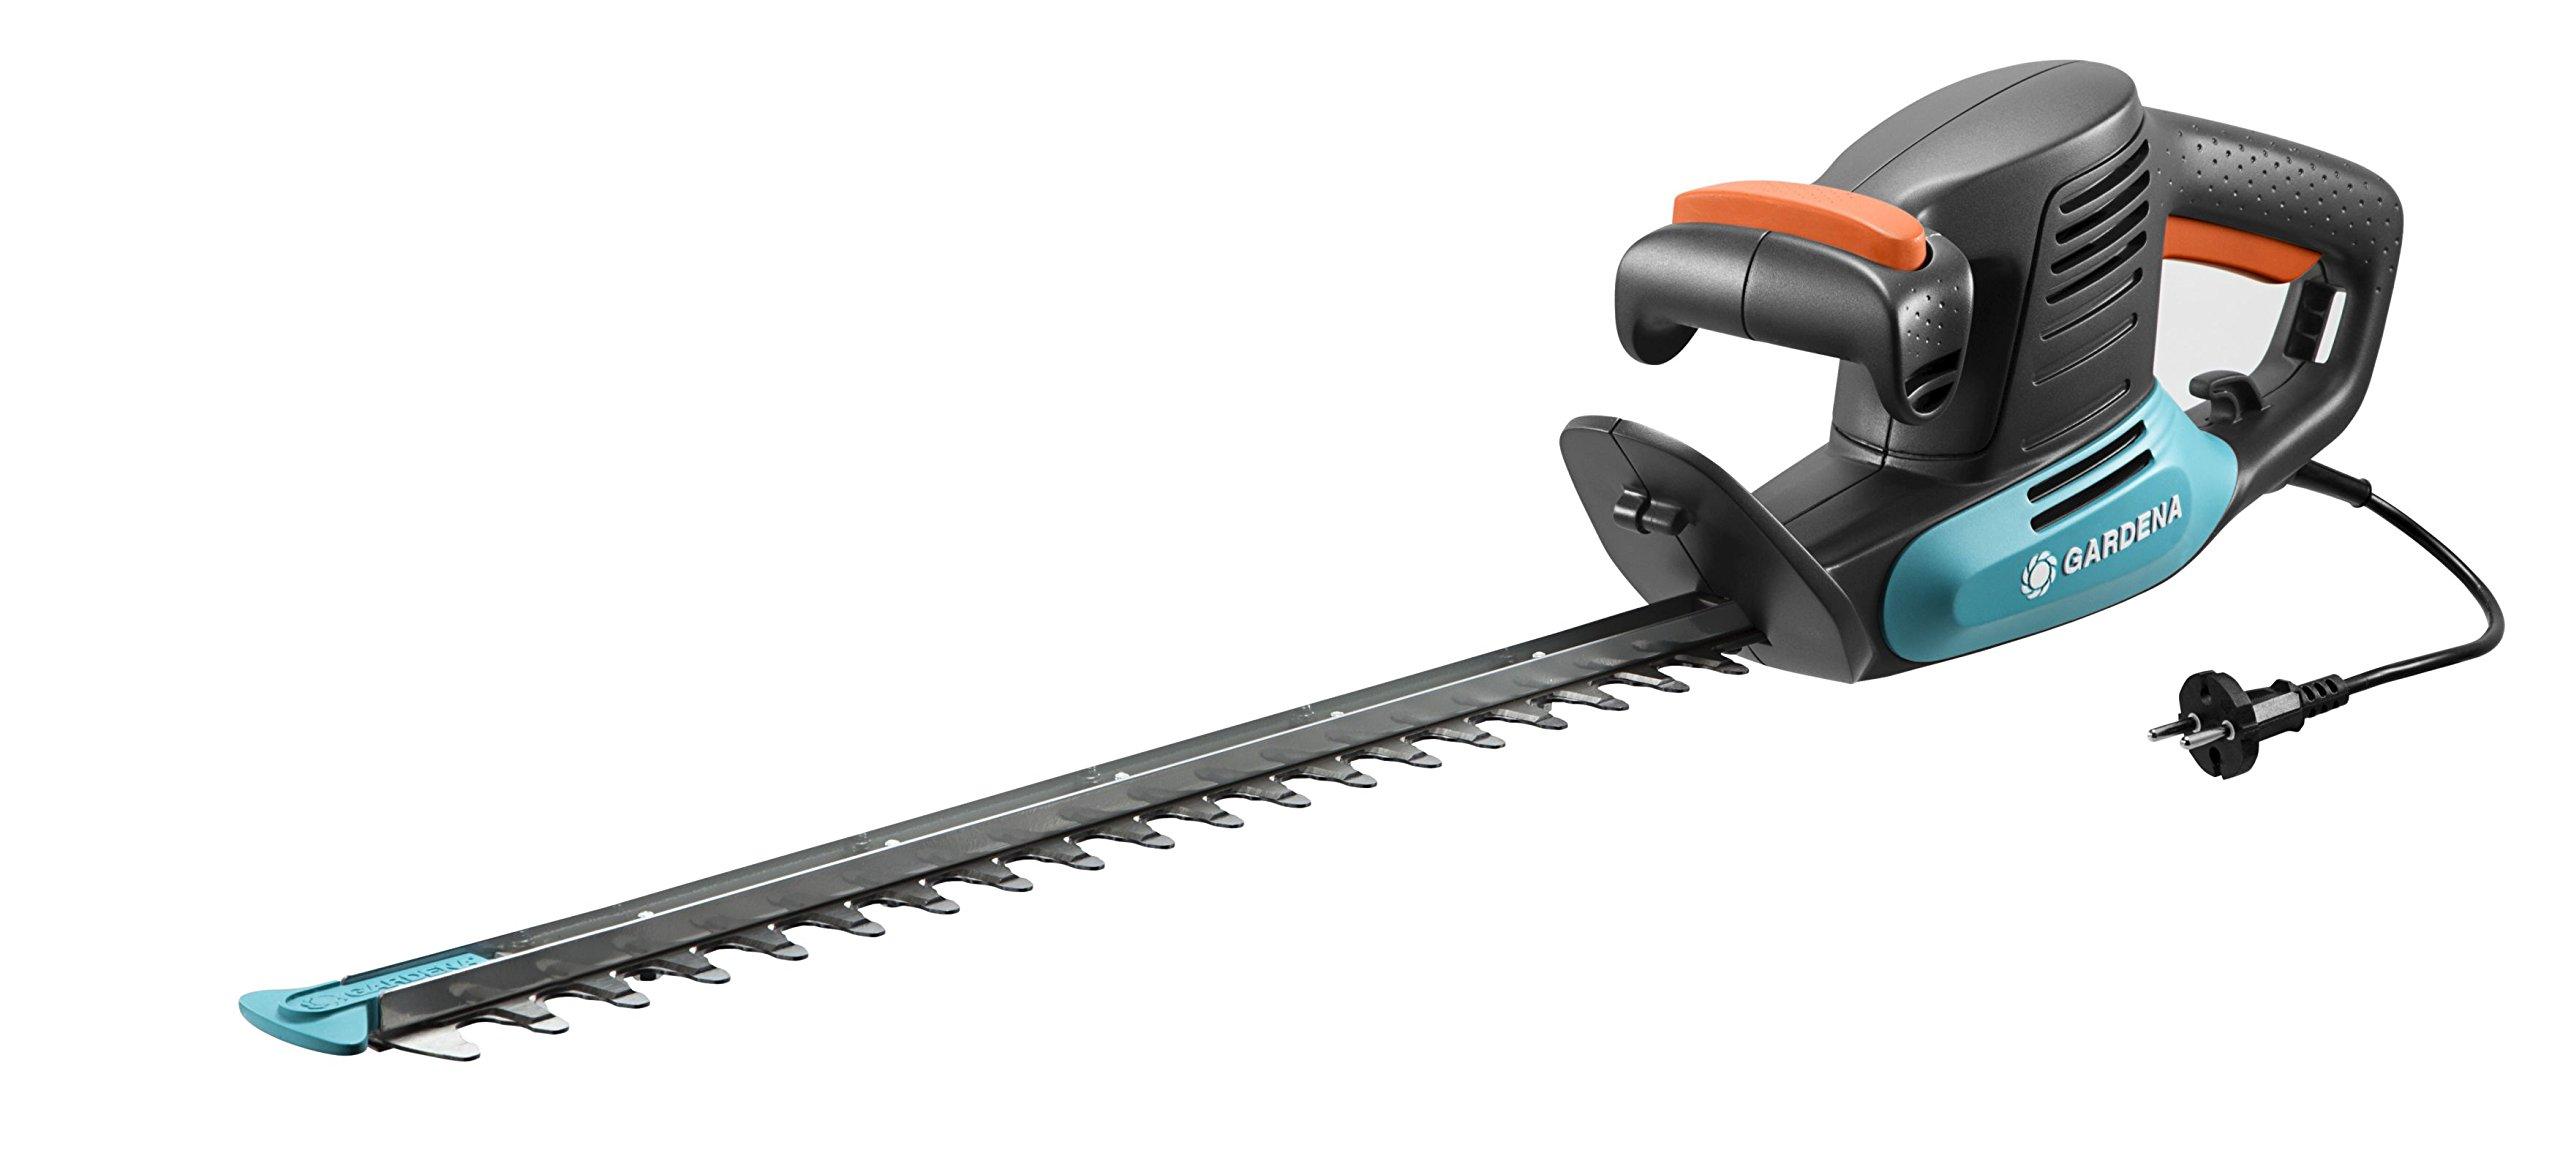 Tijeras cortasetos eléctricas EasyCut 420/45 de GARDENA: tijeras eléctricas para setos, 420